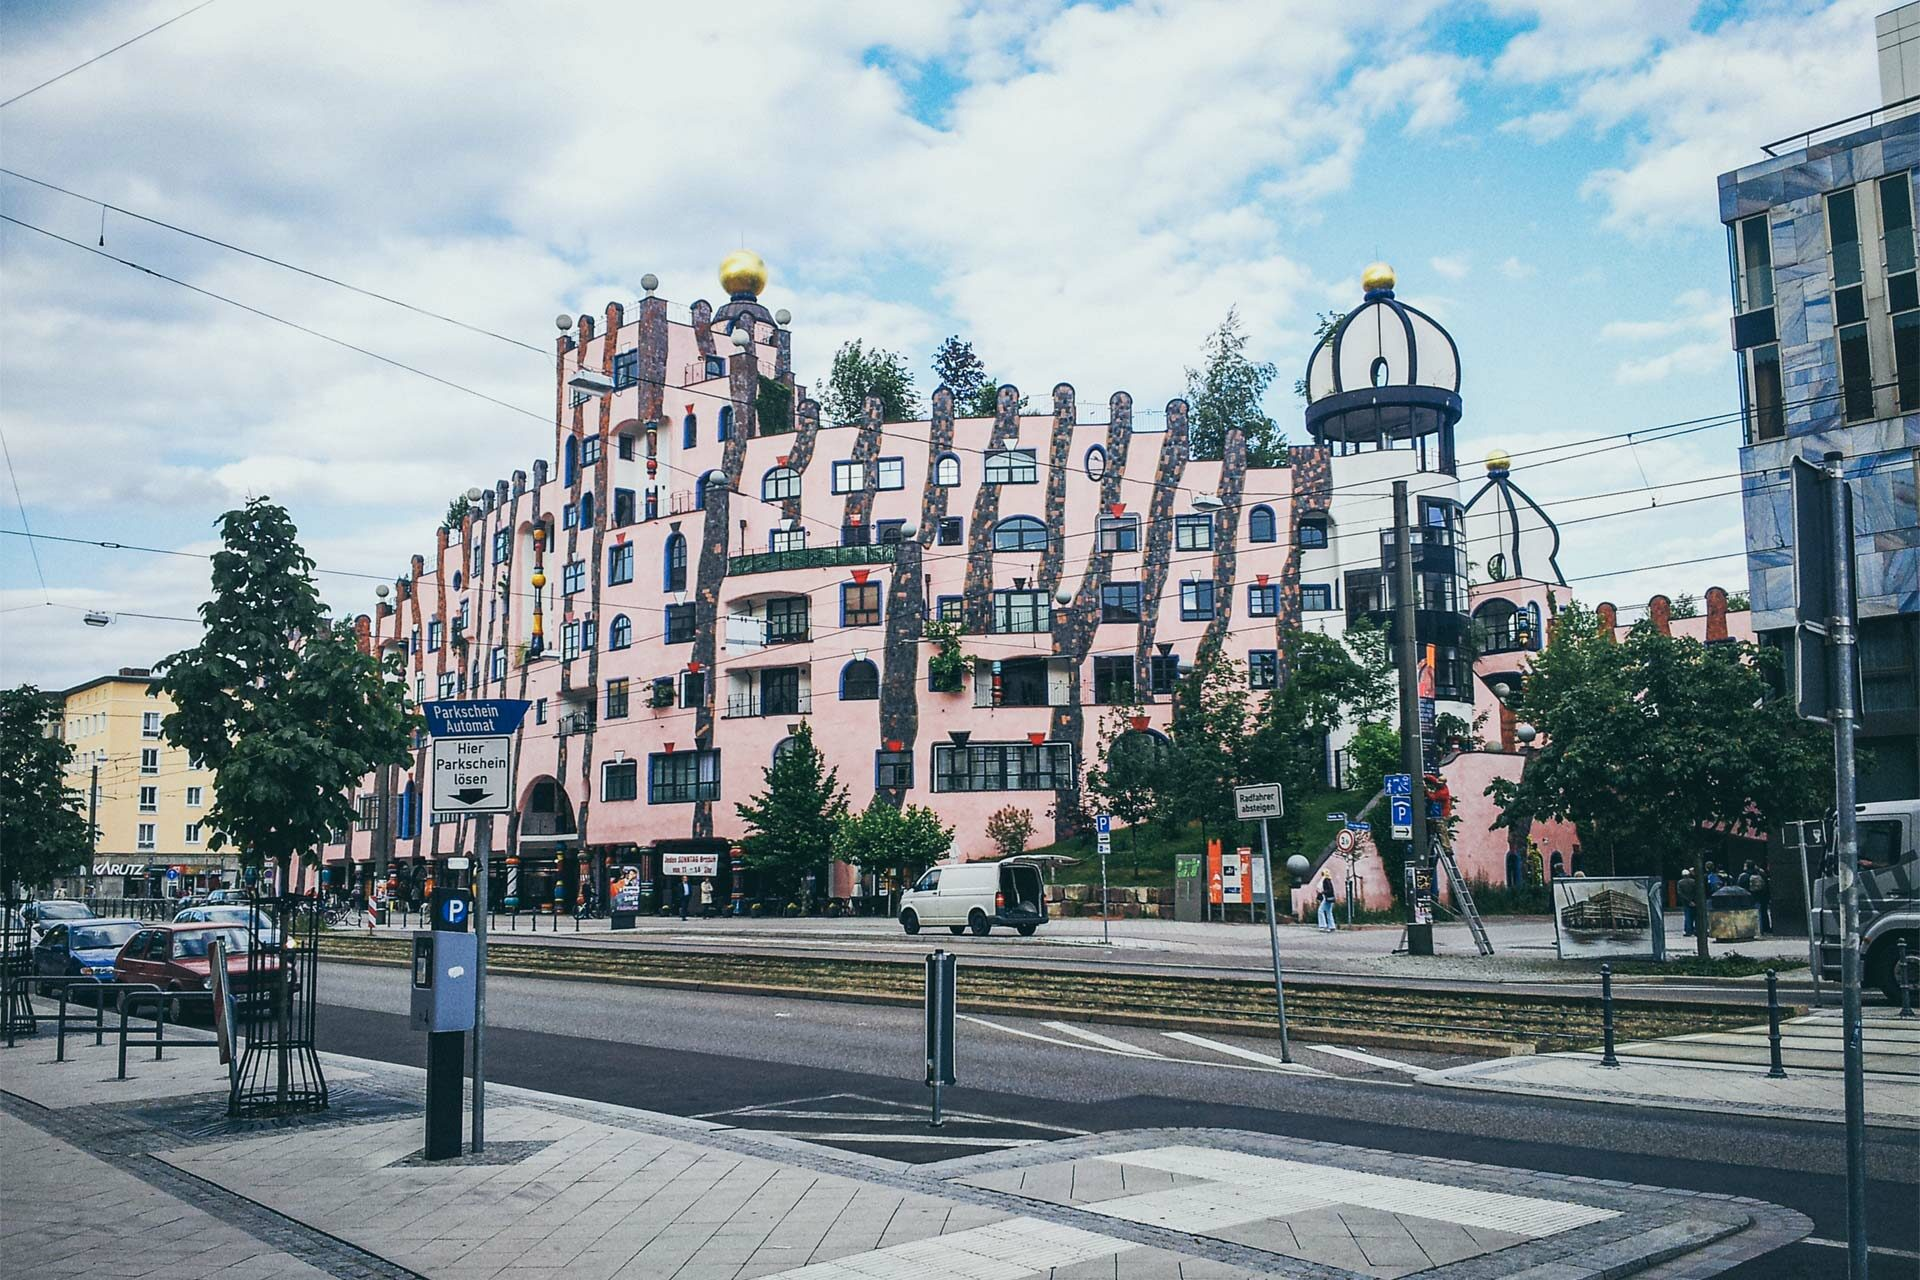 Grüne Zitadelle in Magdeburg. Hundertwasser ist quasi der Gaudi des deutschen Jakobswegs.